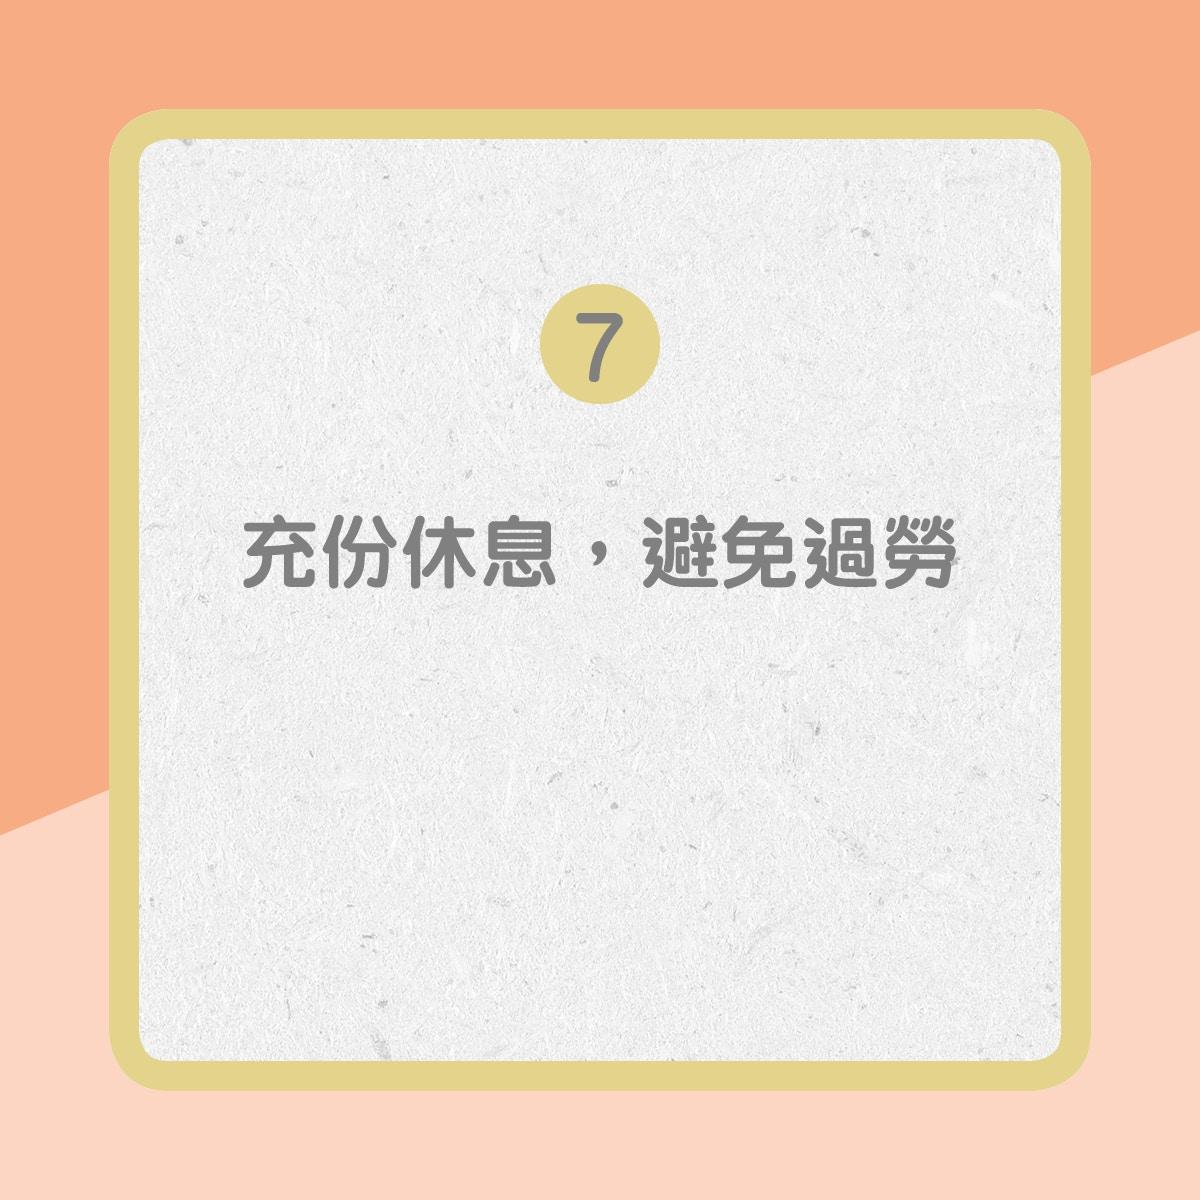 【心臟衰竭治療】7. 充份休息,避免過勞(01製圖)